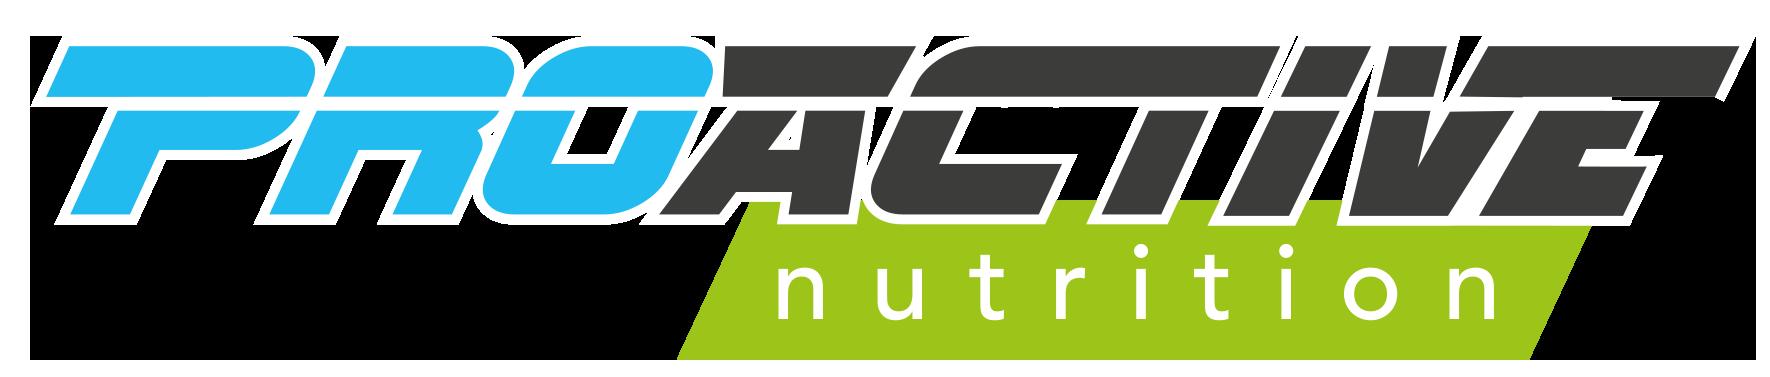 nutrition_ernaehrung_web_4c_balken.png